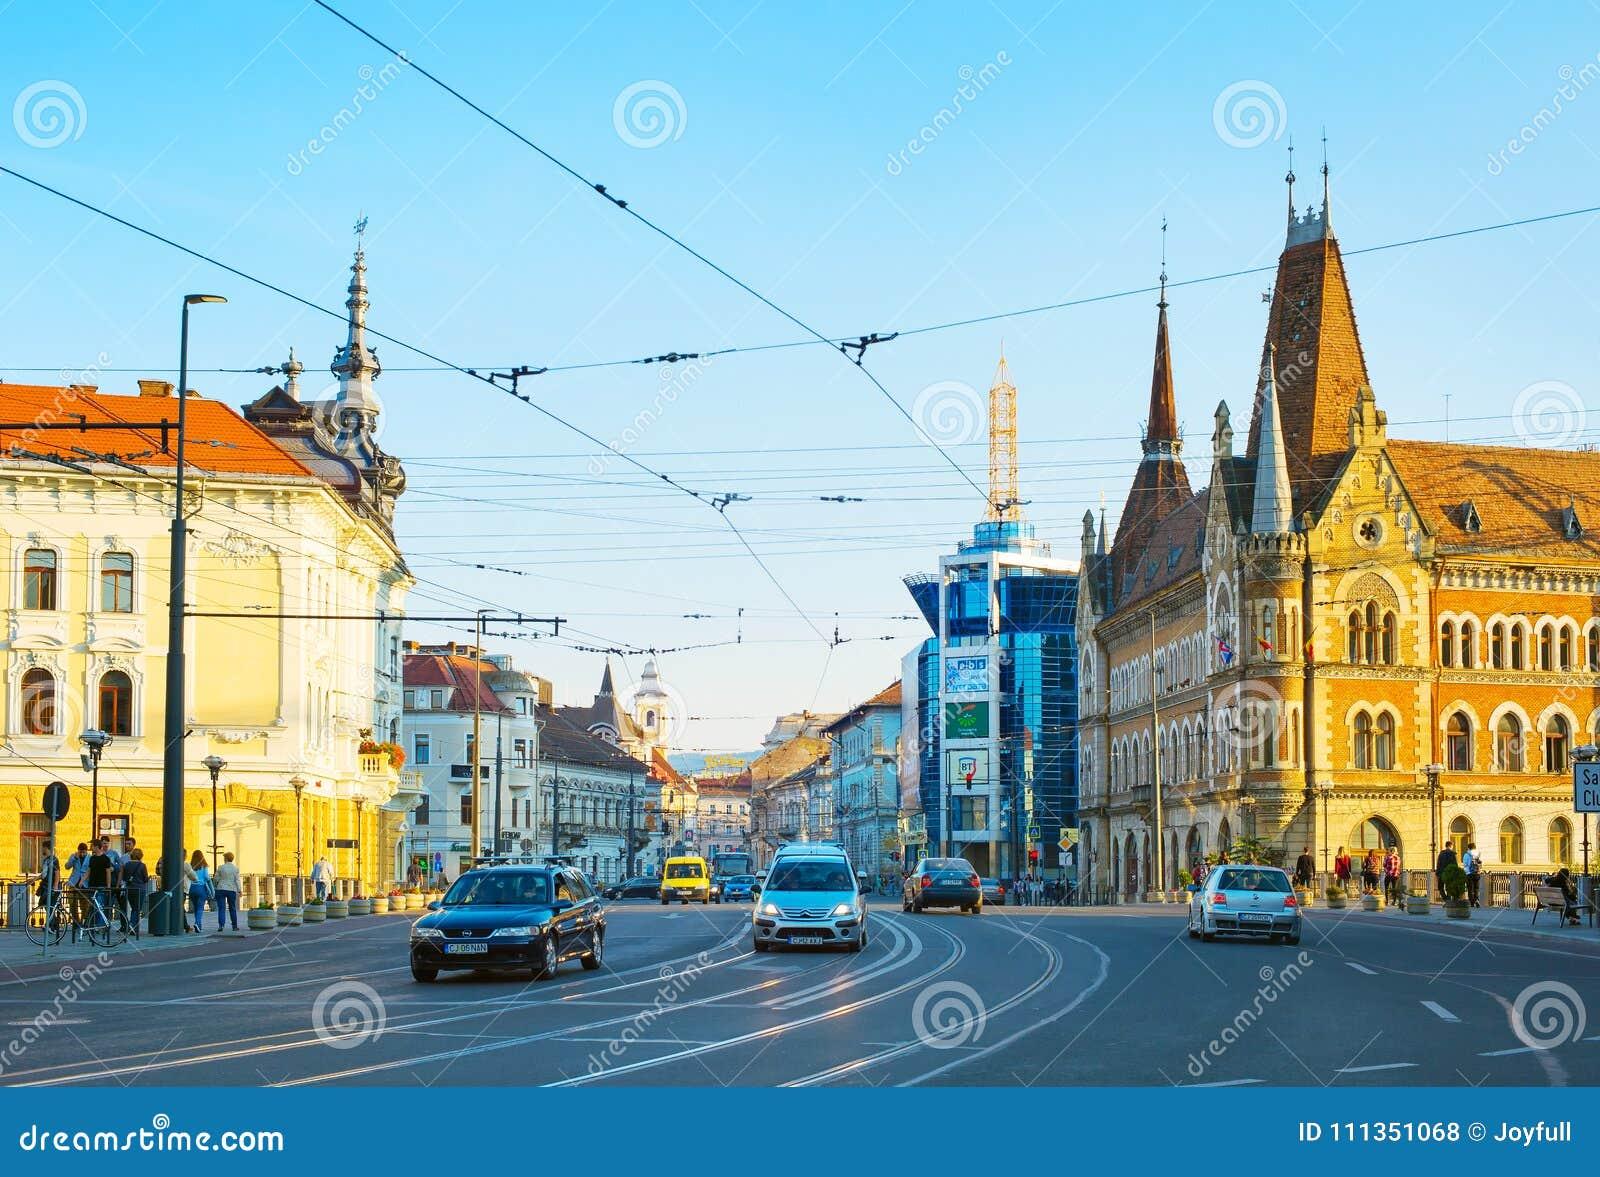 Road traffic Cluj Napoca Romania